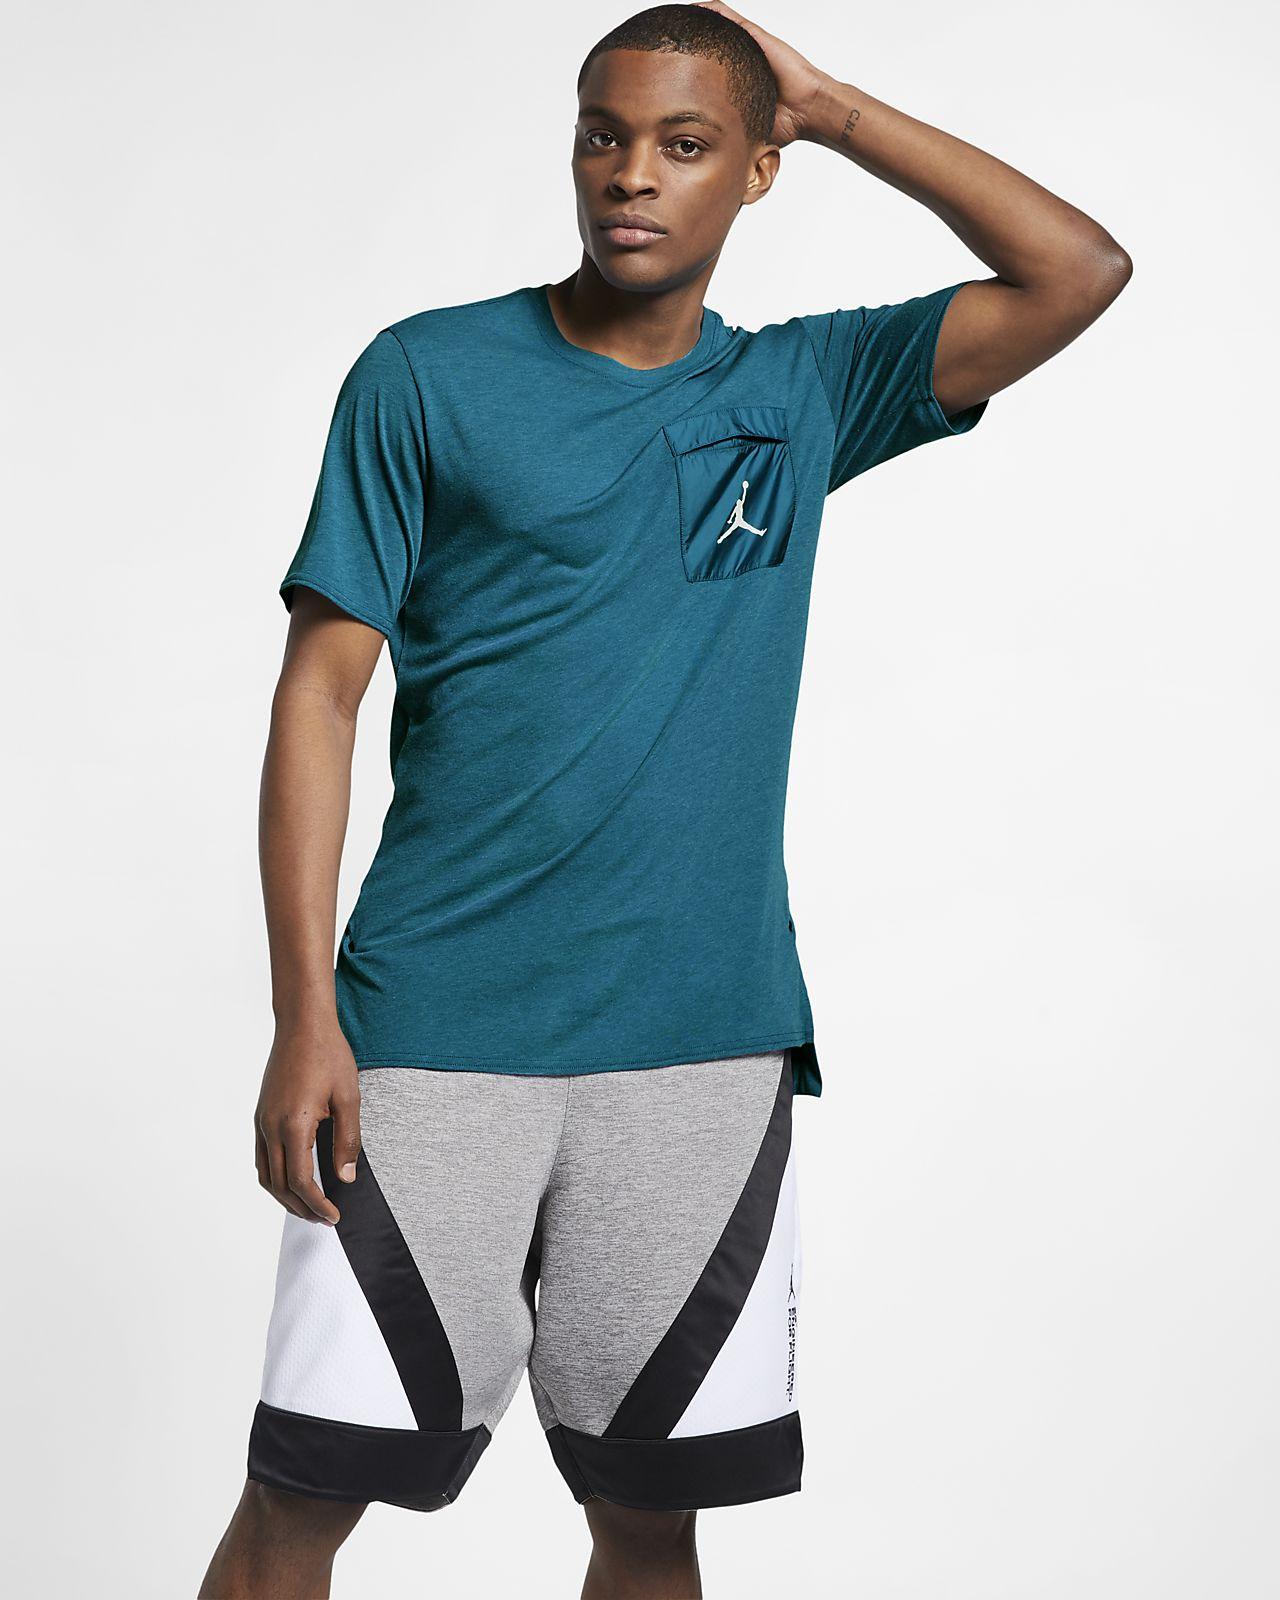 Ανδρική κοντομάνικη μπλούζα προπόνησης Jordan 23 Engineered Cool